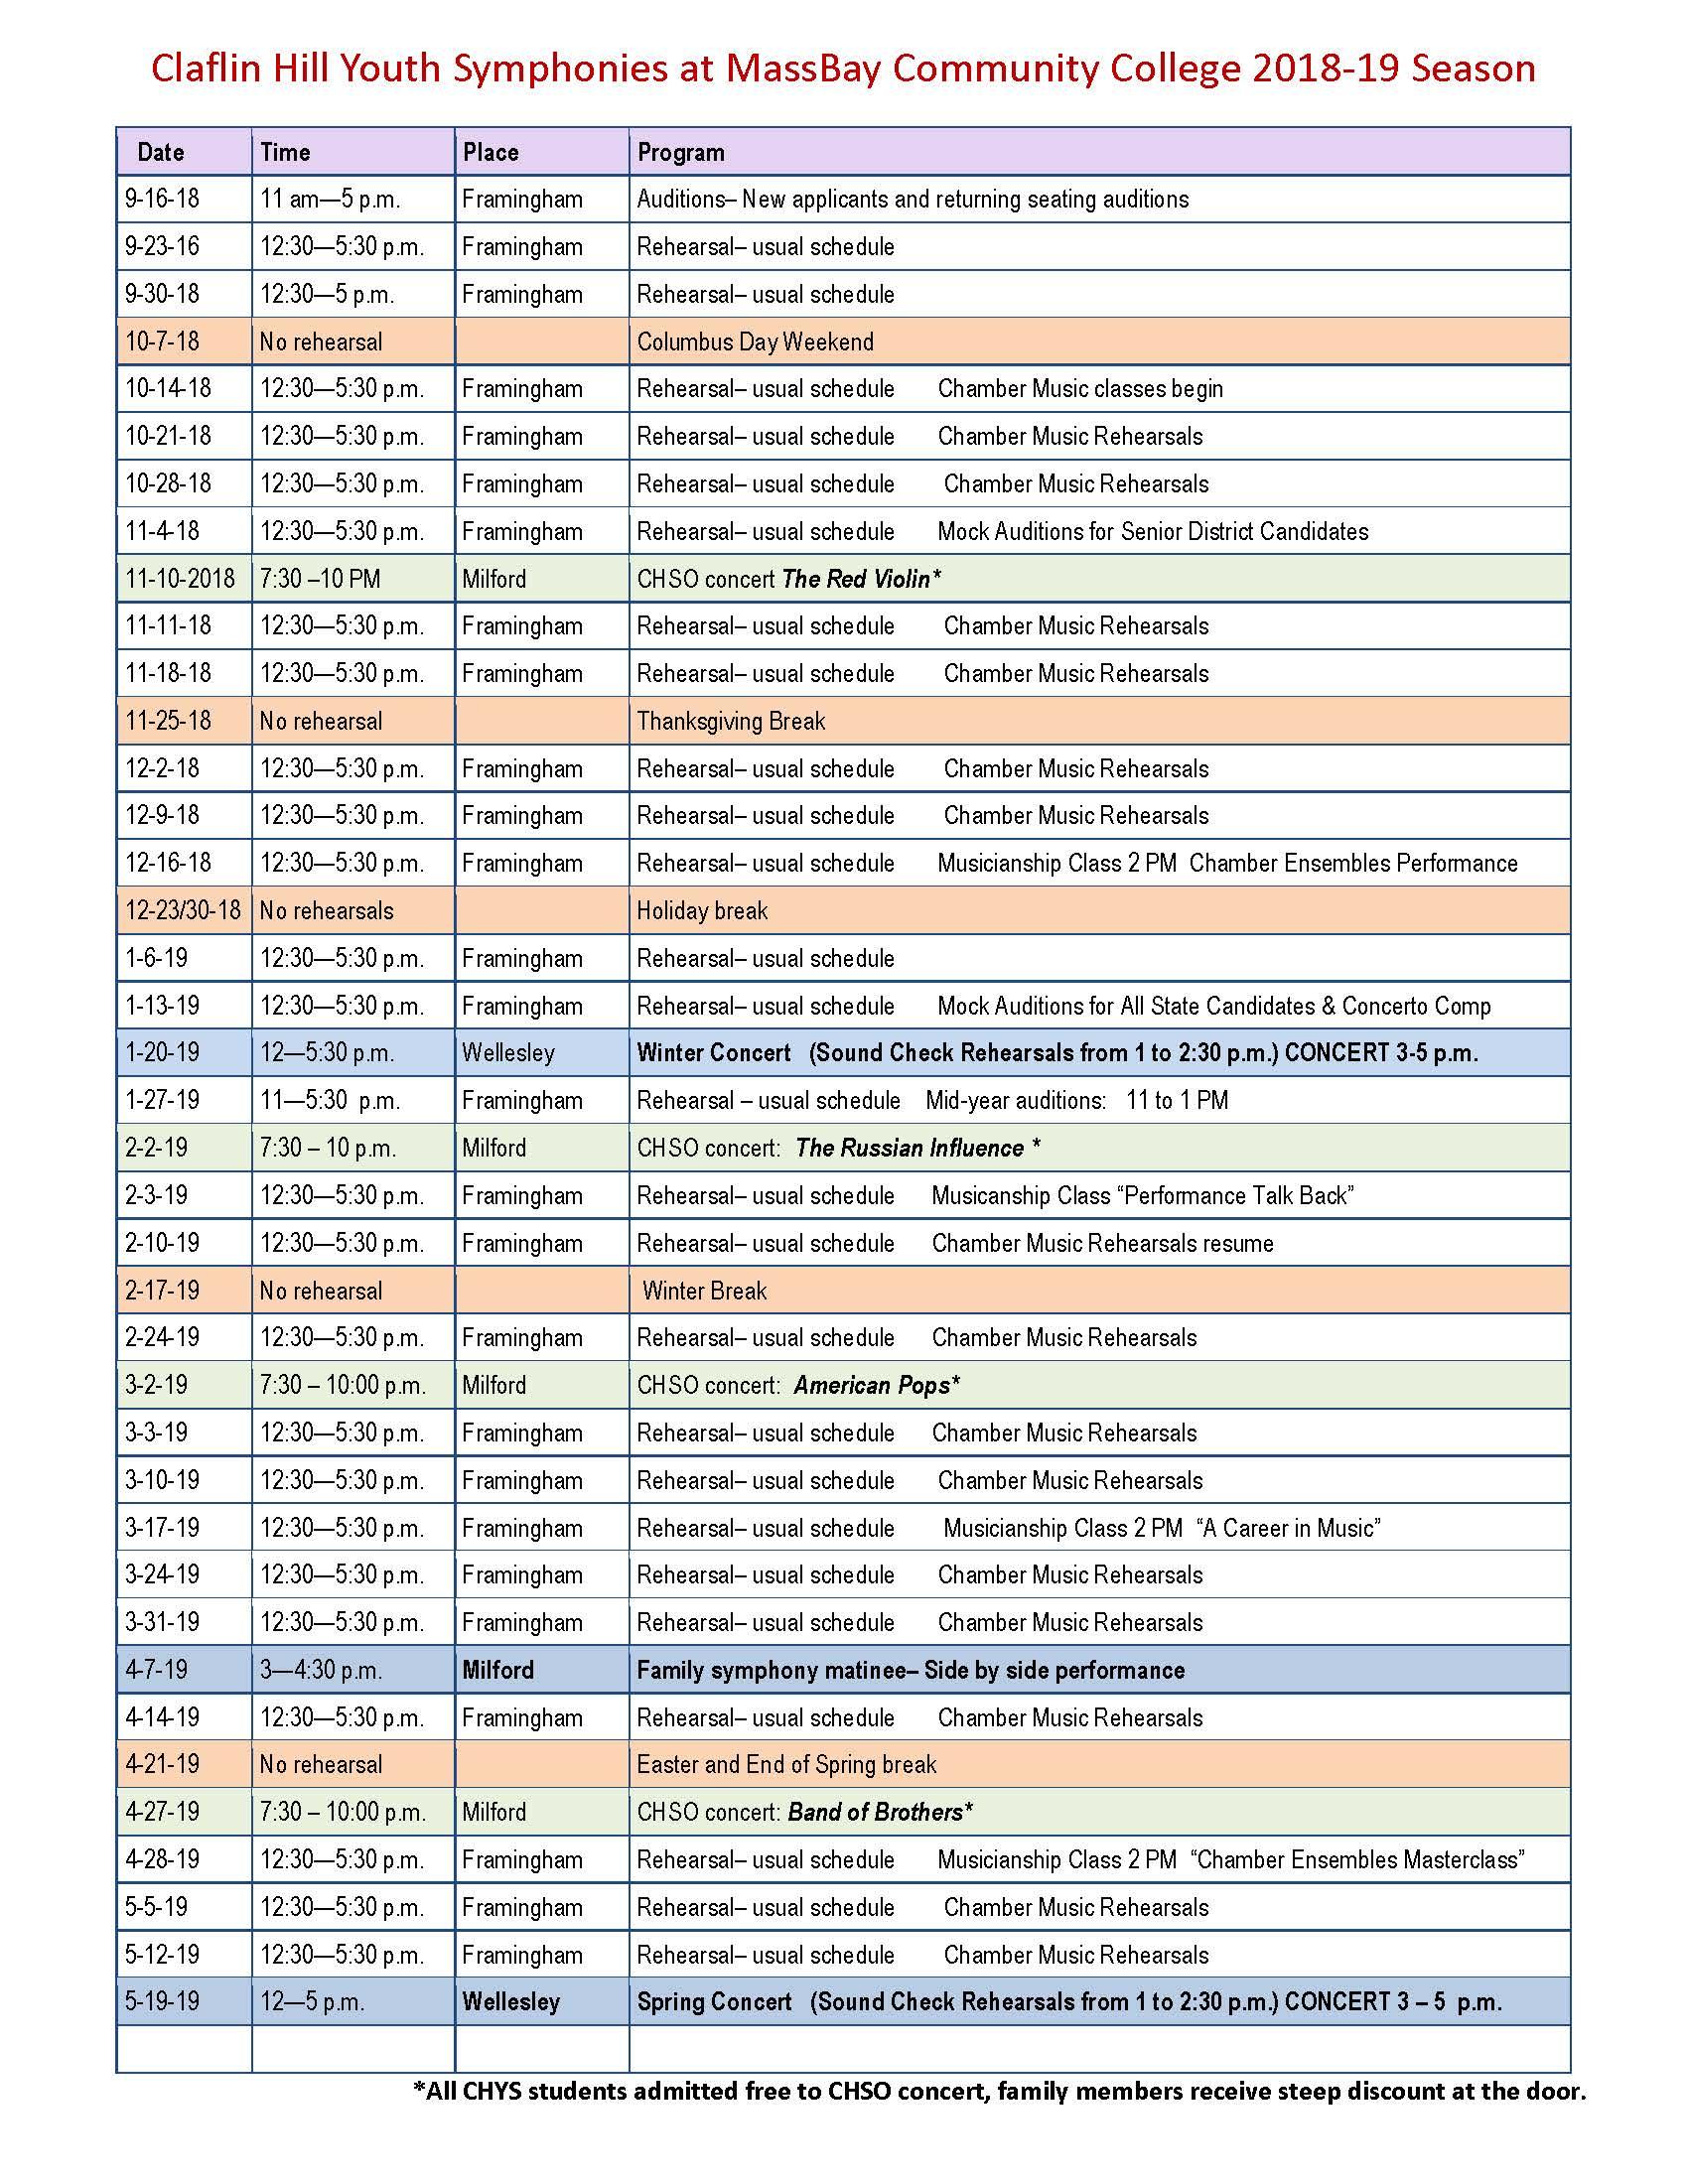 2018-19 CHYS schedule.jpg